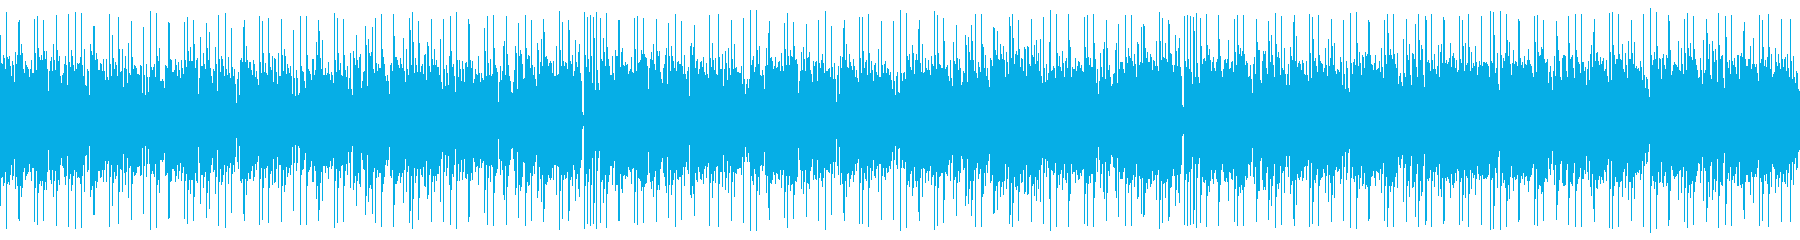 クールで舞踏的な和風ジャズ(ループの再生済みの波形